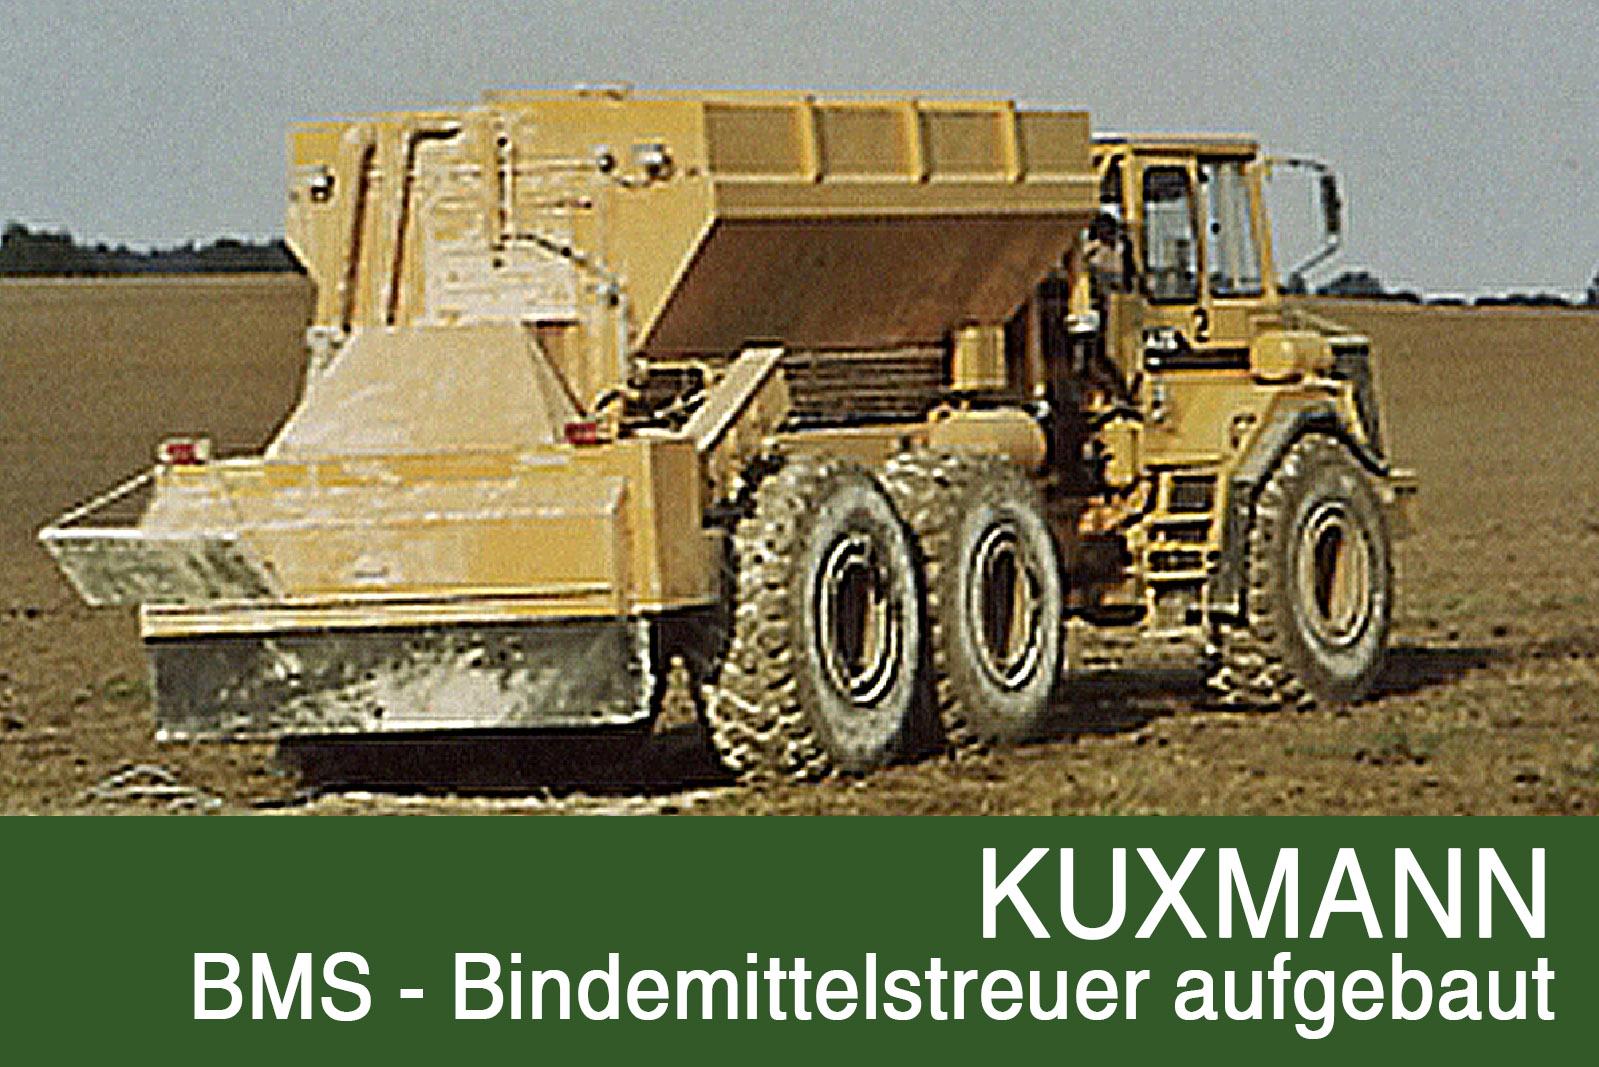 BMS Bindemittelstreuer aufgebaut